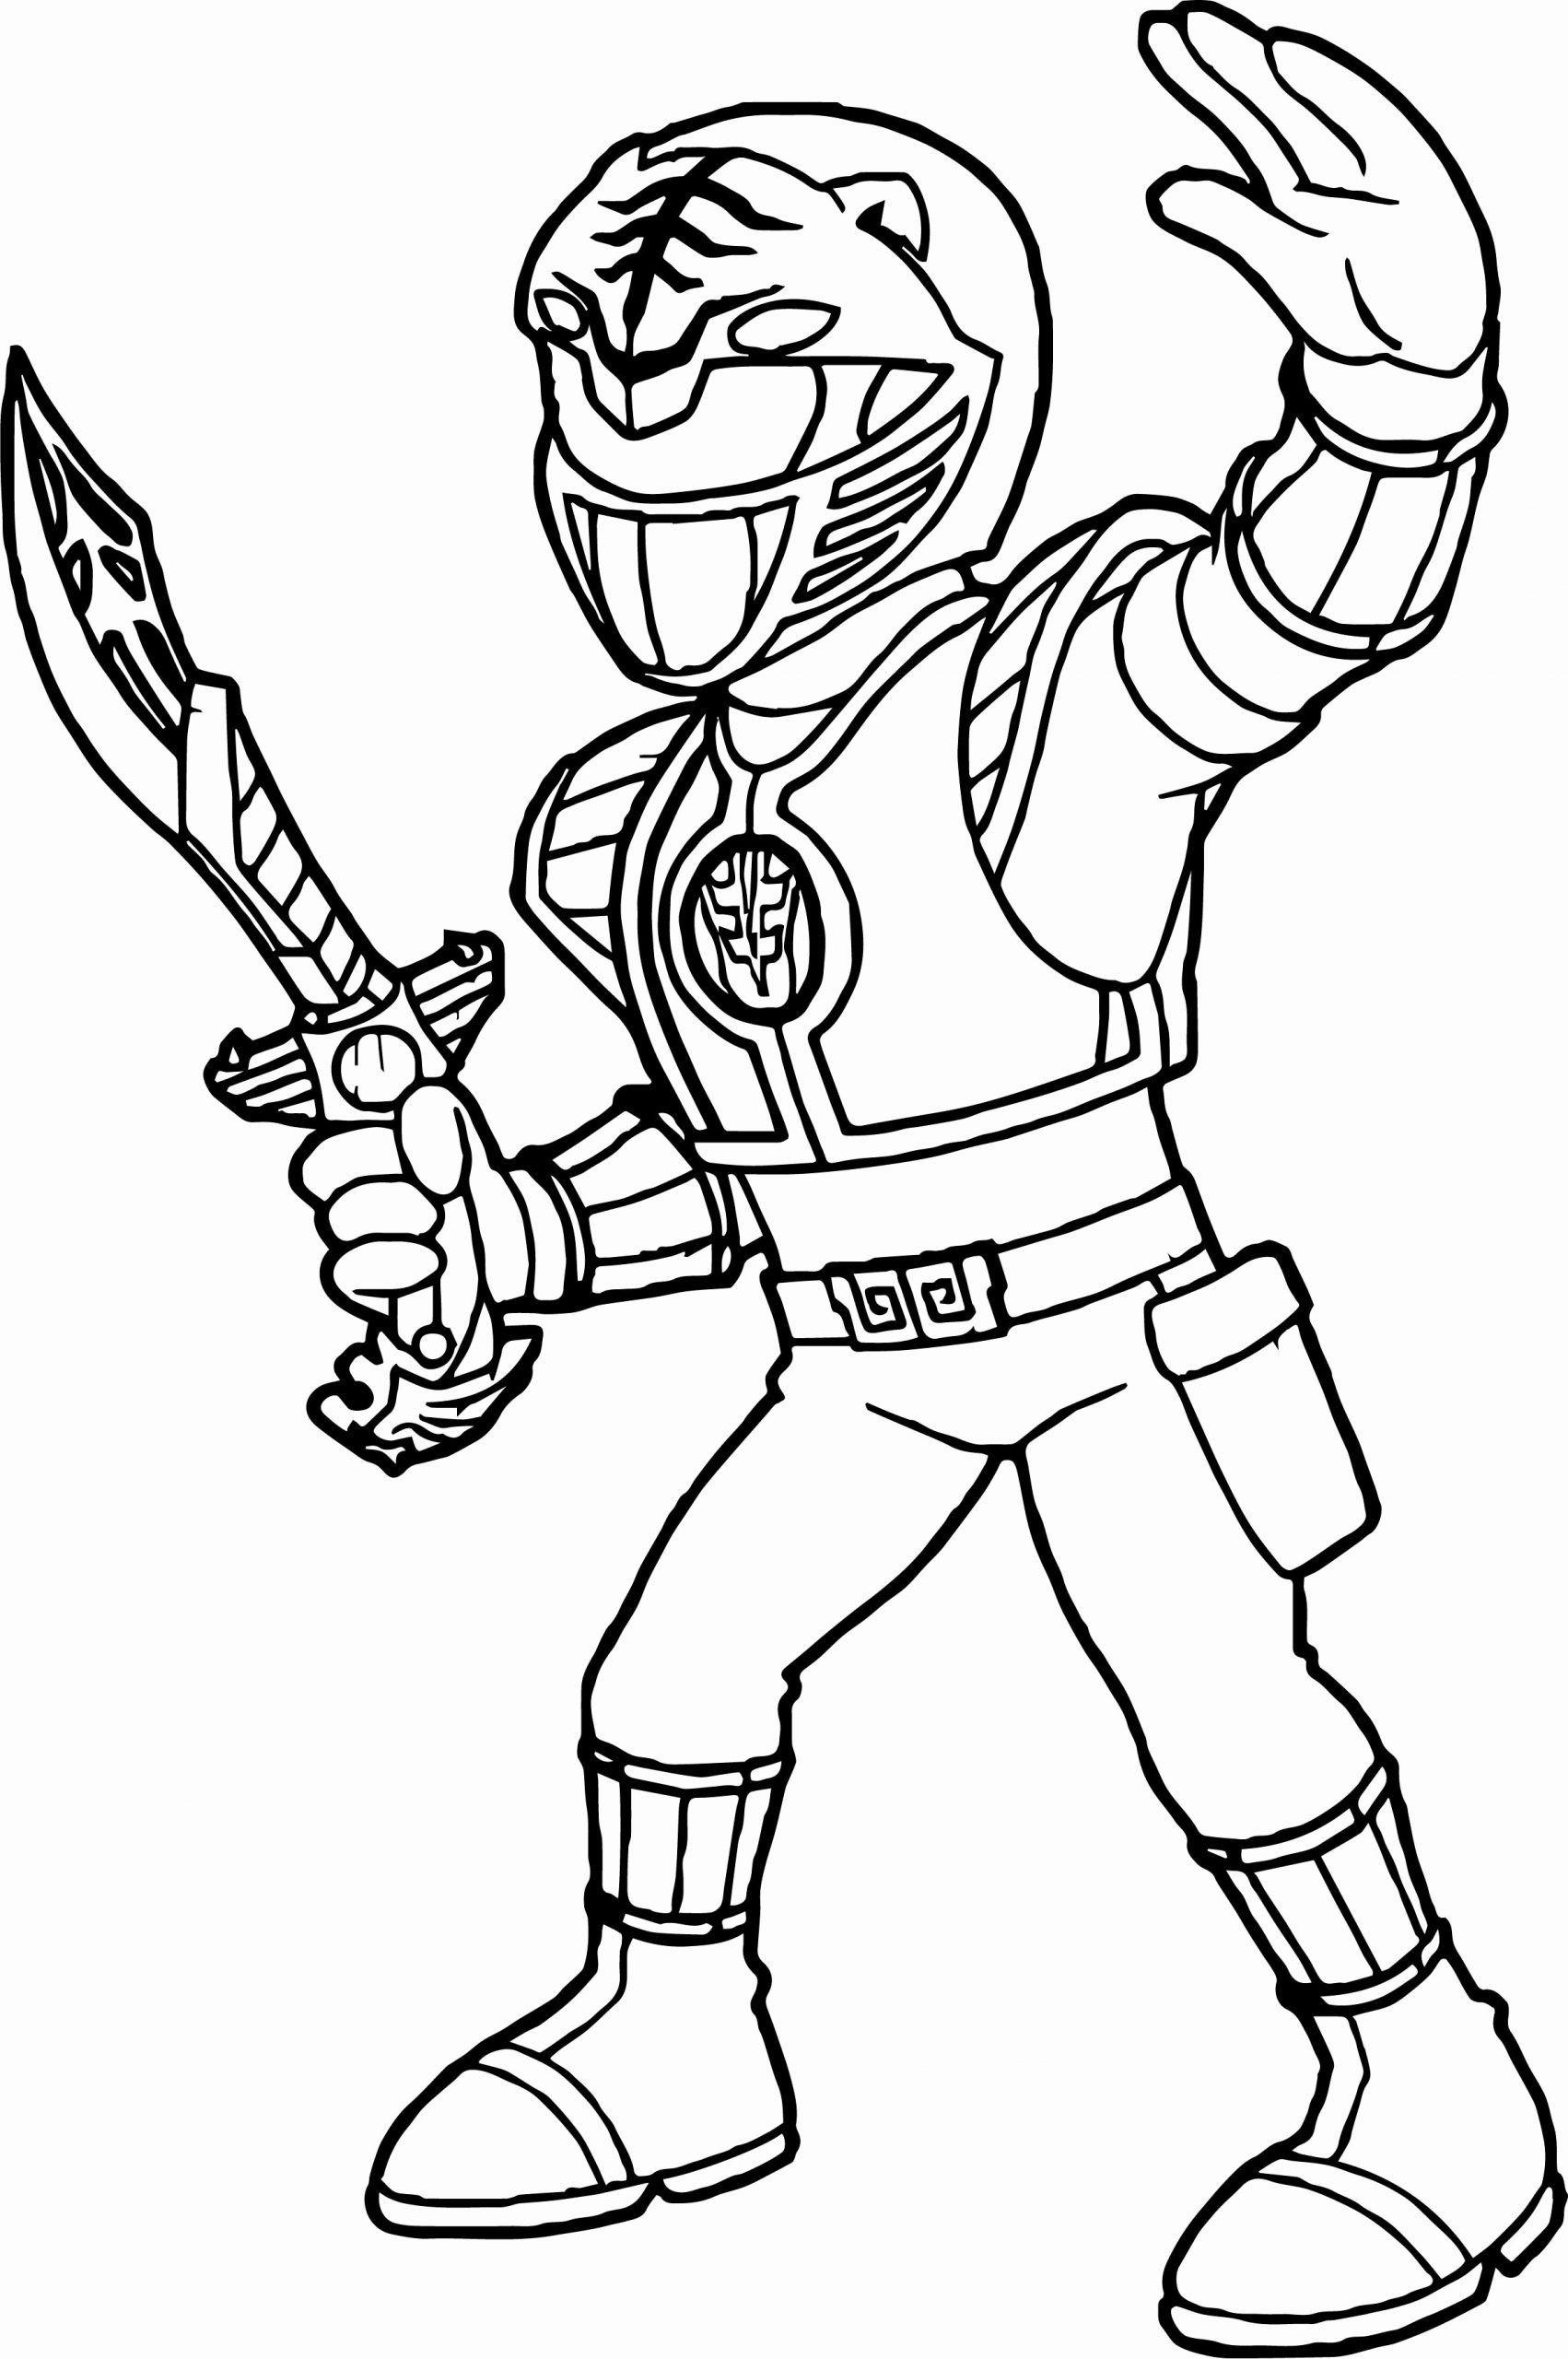 Power Ranger Coloring Page Print Taken